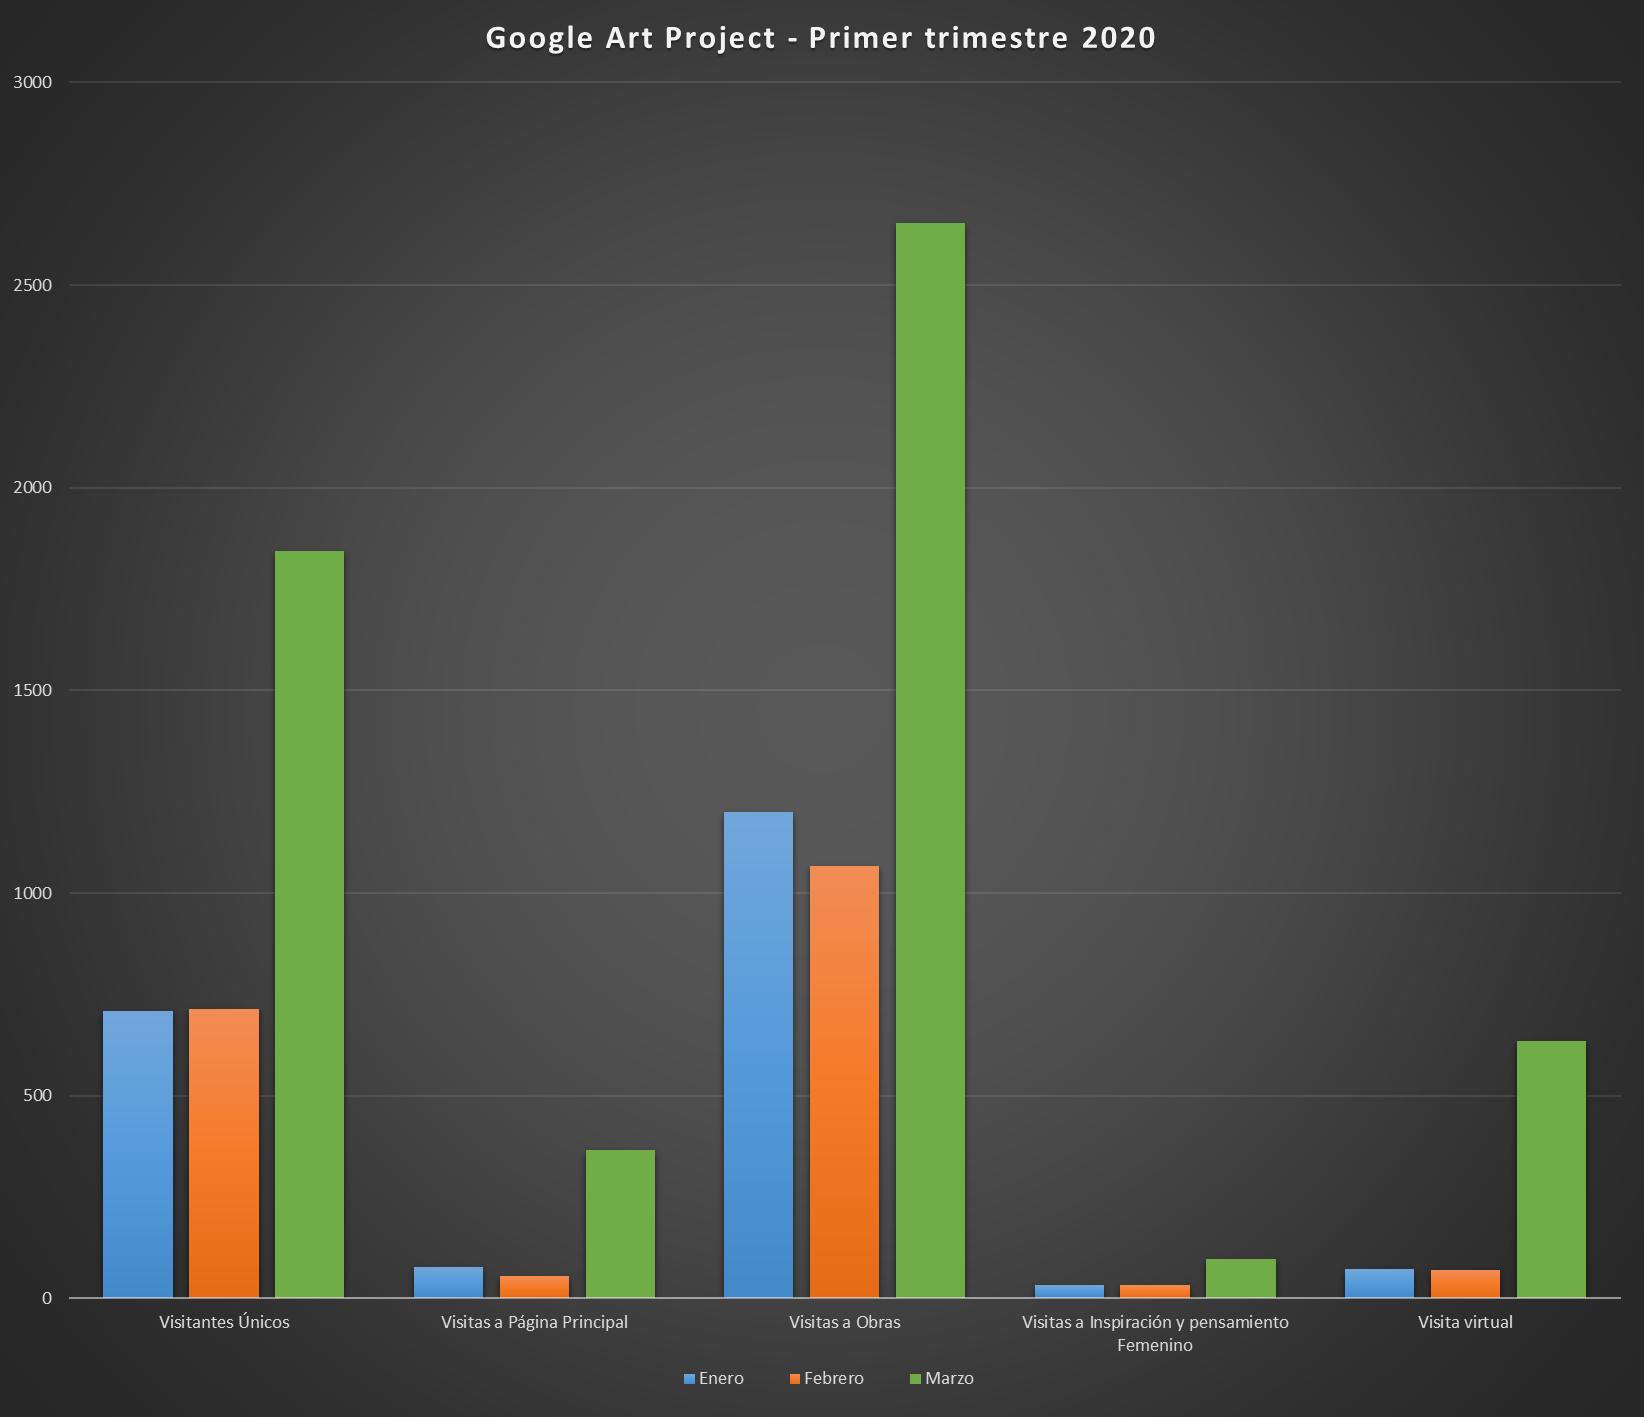 Comparativas de crecimiento en Google Art Project